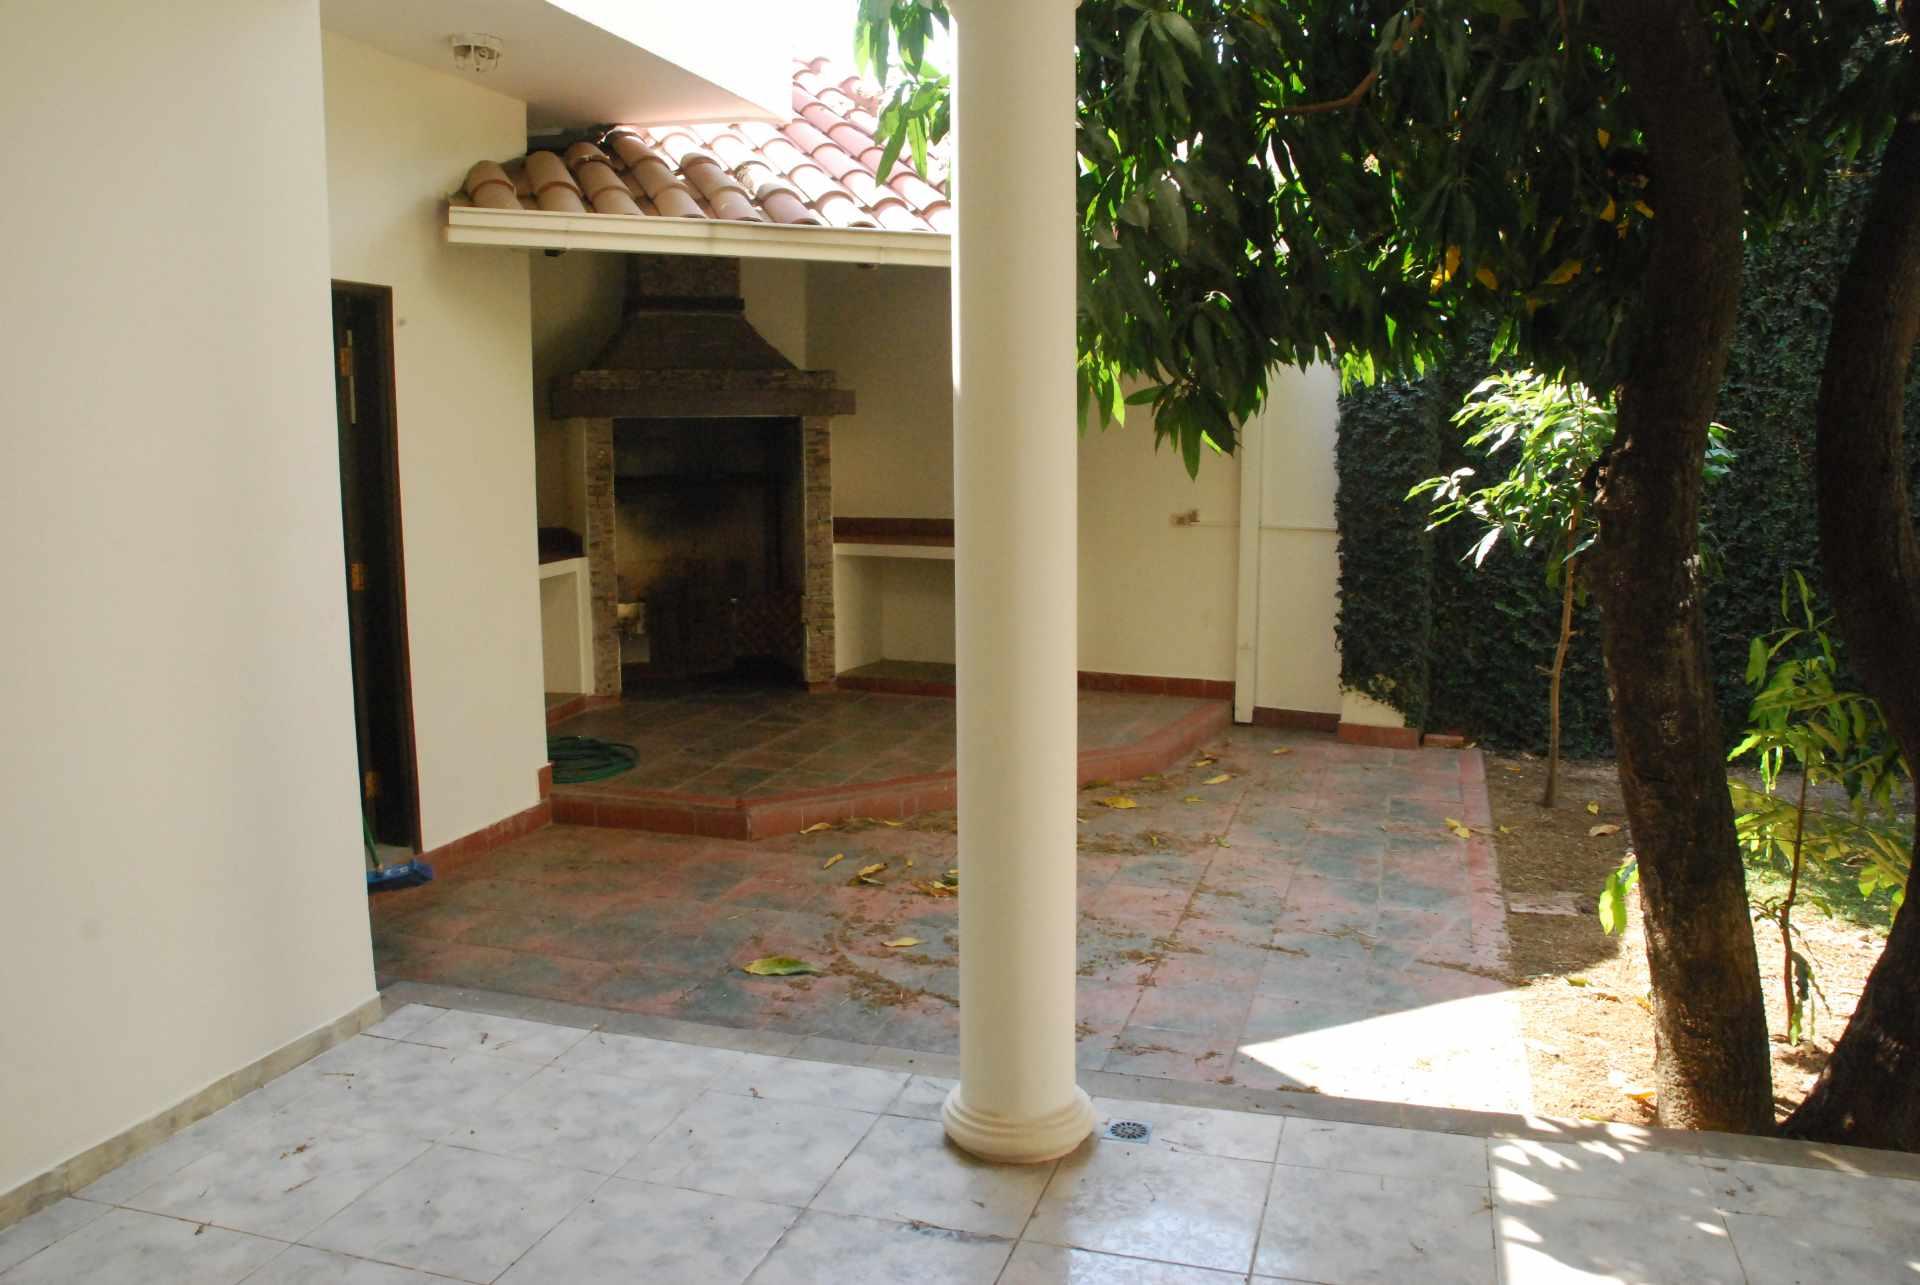 Casa en Alquiler Condominio Barrio Norte , al lado del Mall Las Brisas, 4to anillo Avenida Banzer. Foto 15